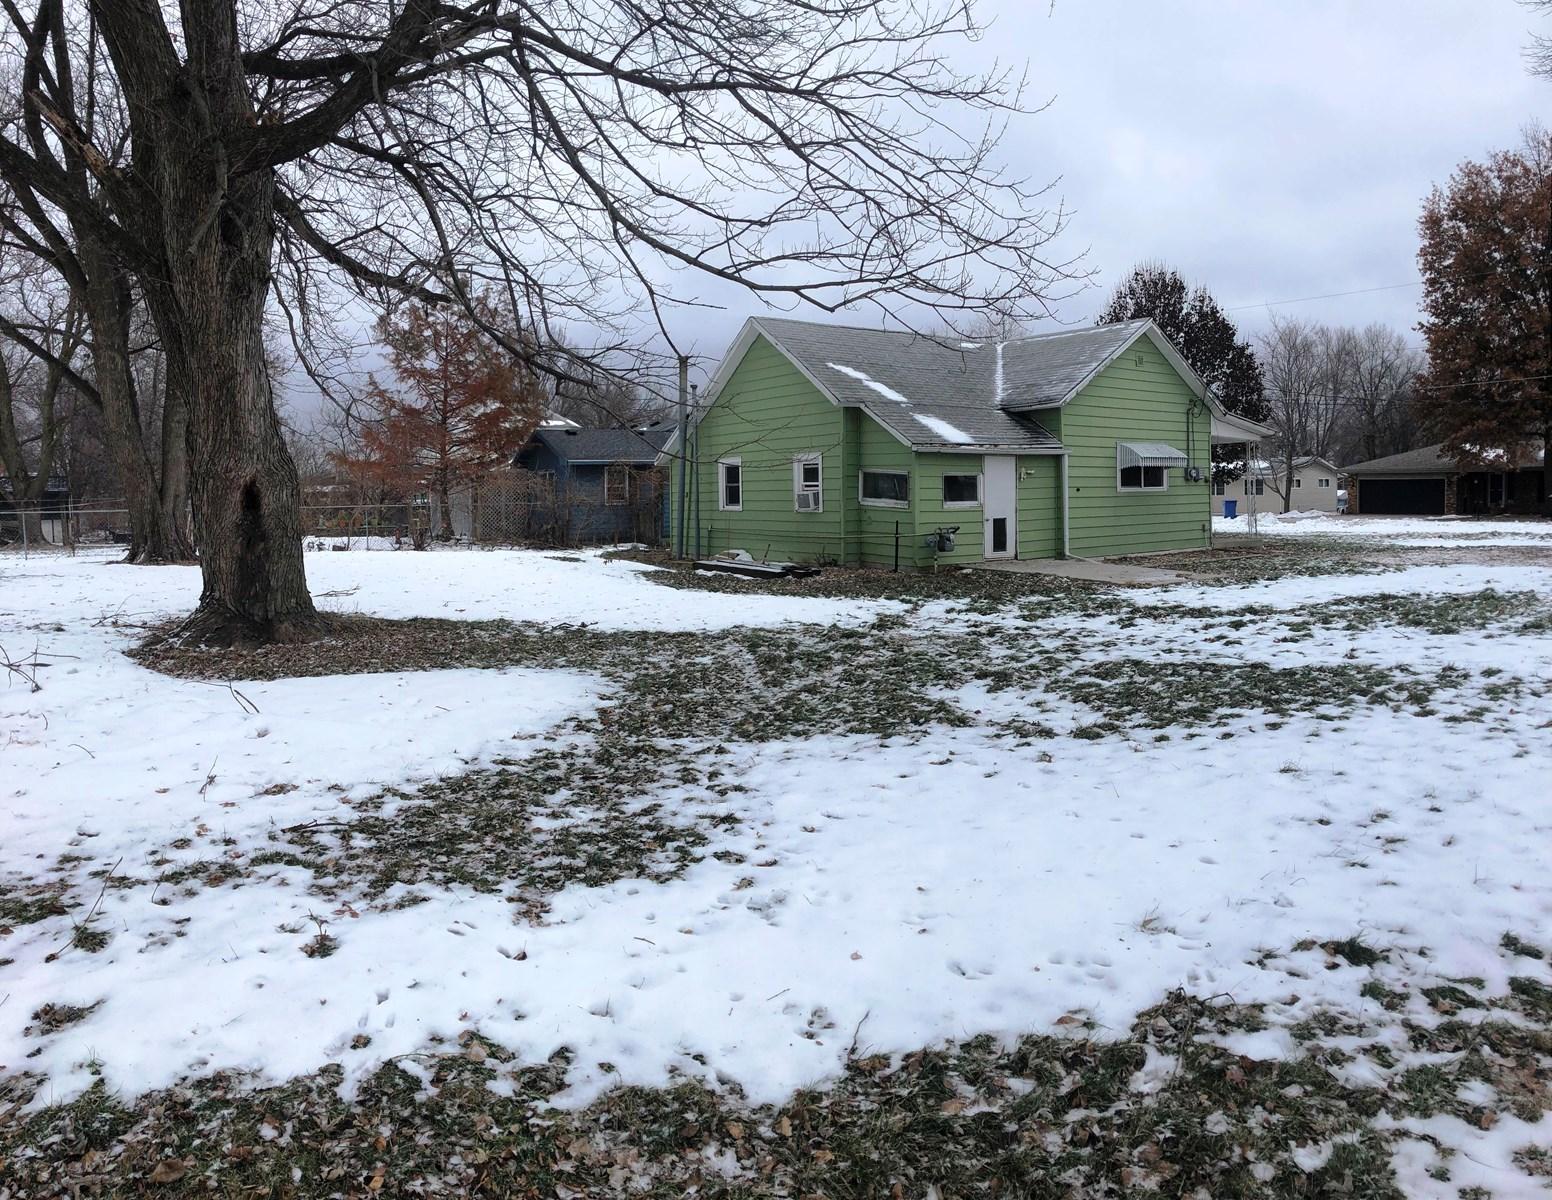 Albia Iowa Home for Sale